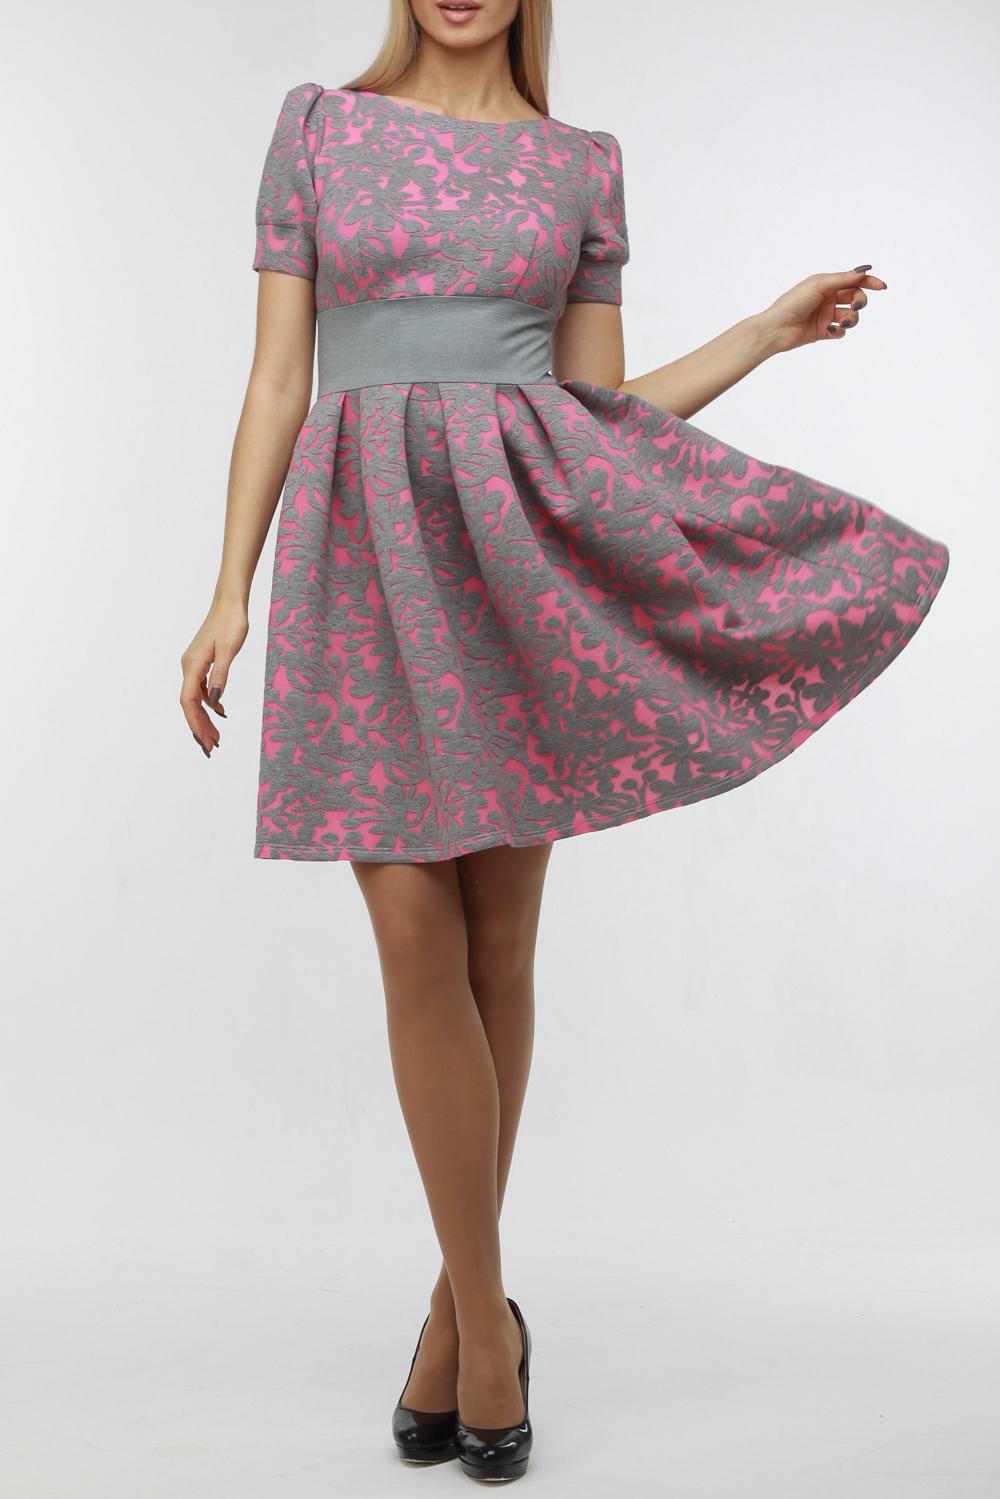 ПлатьеПлатья<br>Очаровательное легкое платье из комфортного двухслойного трикотажа с оригинальным орнаментом, хорошо держащего форму. Короткий рукав на манжете, талия подчеркнута однотонной деталью. На спинке молния 50 см. Пышная юбка со складками.  В изделии использованы цвета: серый, розовый  Рост девушки-фотомодели 176 см<br><br>Горловина: С- горловина<br>По длине: До колена<br>По материалу: Трикотаж<br>По рисунку: С принтом,Фактурный рисунок,Цветные<br>По сезону: Лето,Осень,Весна<br>По силуэту: Приталенные<br>По стилю: Повседневный стиль<br>По форме: Платье - трапеция<br>По элементам: С манжетами<br>Рукав: Короткий рукав<br>Размер : 42,46,48,50<br>Материал: Трикотаж<br>Количество в наличии: 6